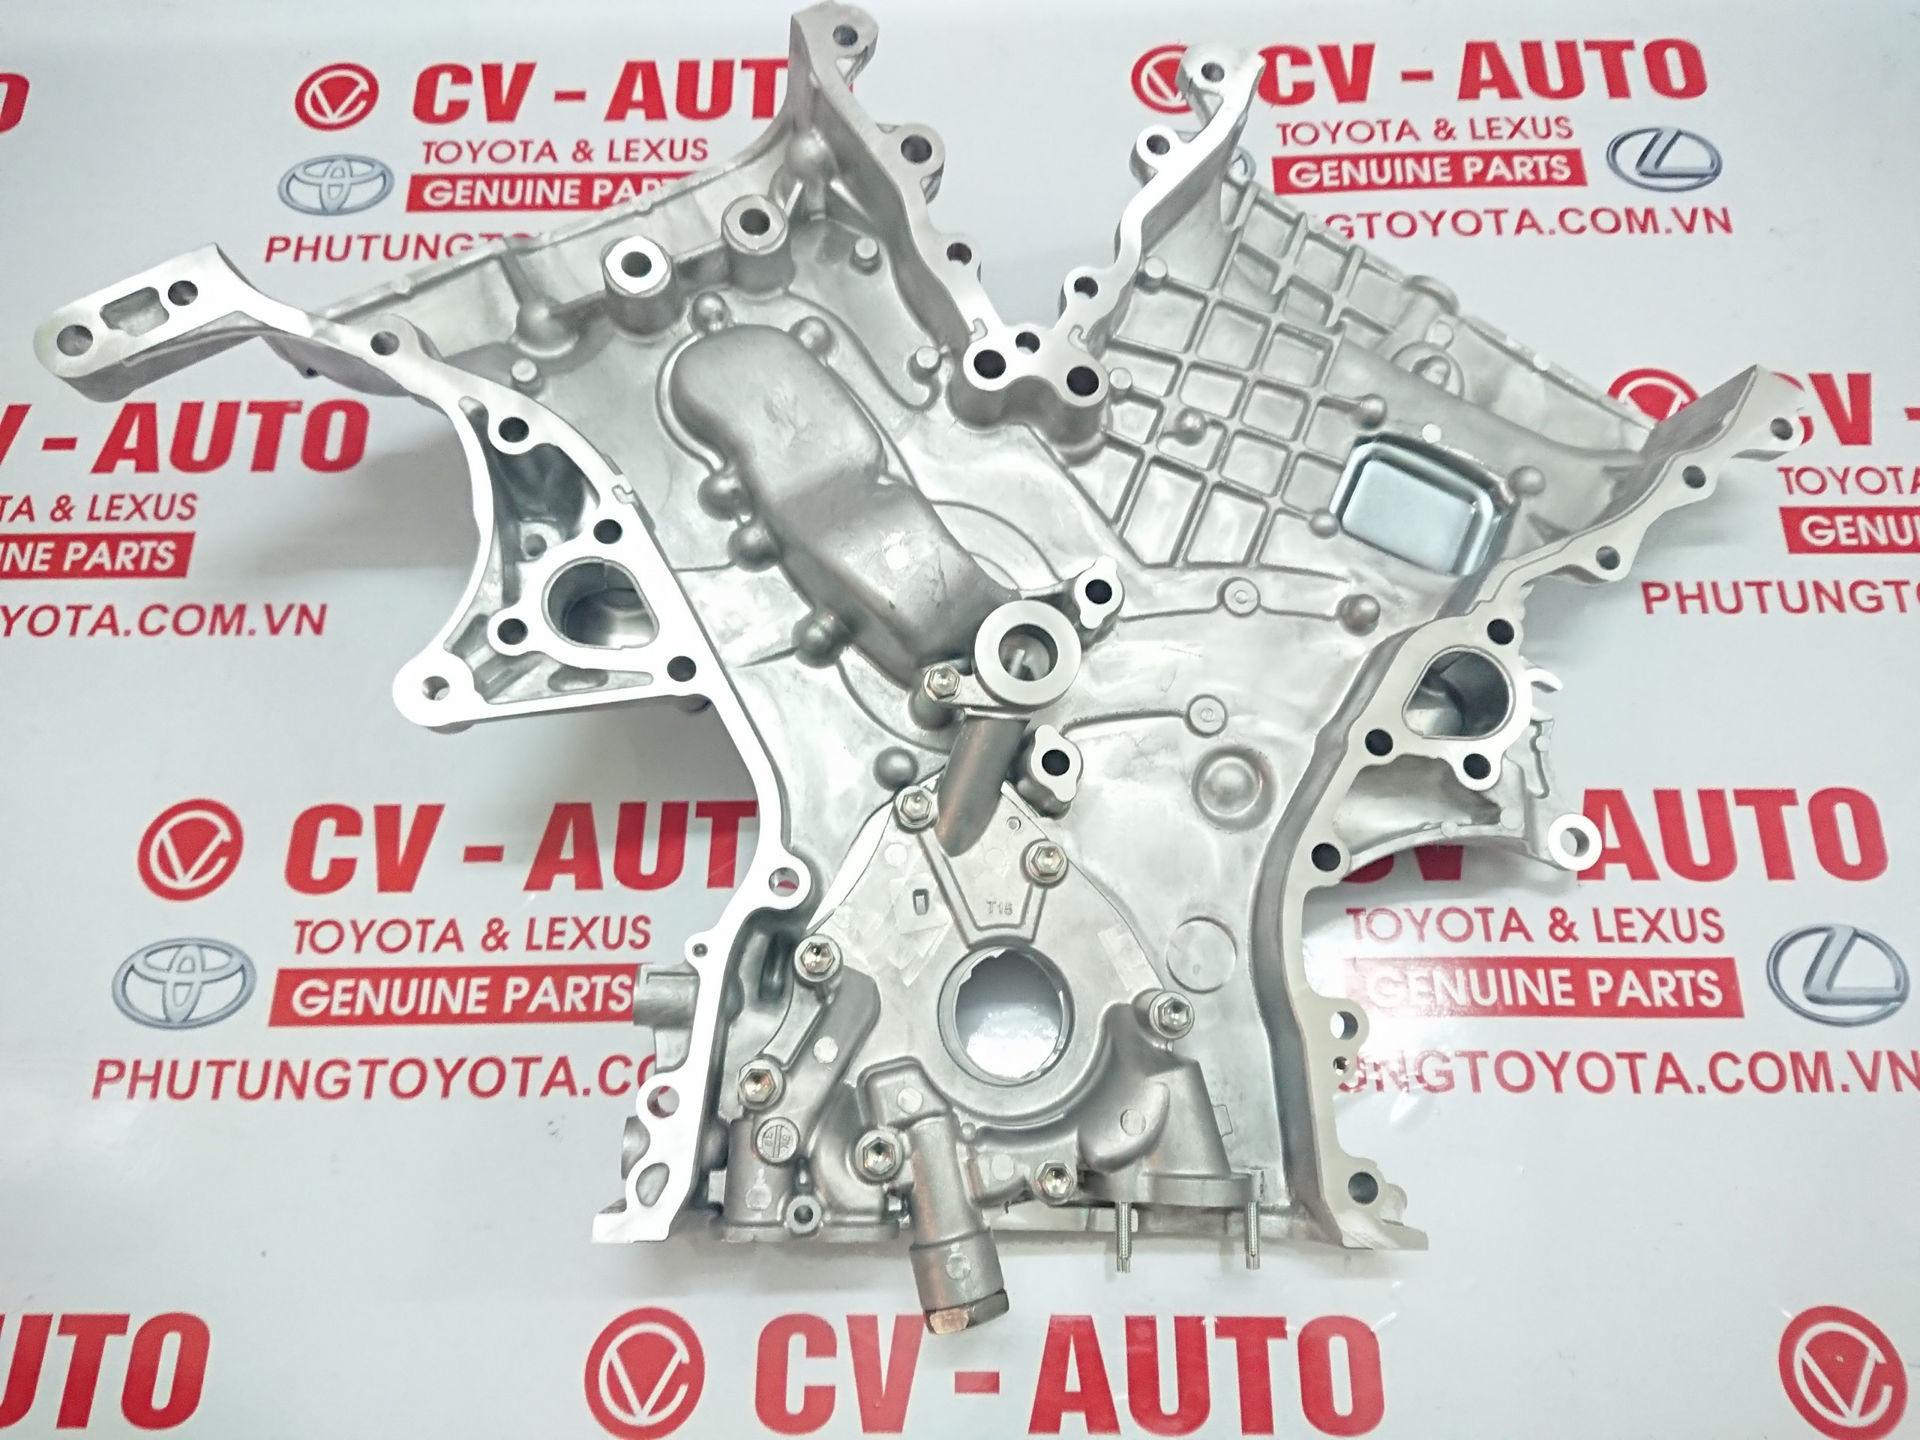 Picture of 11310-31020 Bưởng bơm dầu Toyota Lexus 2GR hàng chính hãng